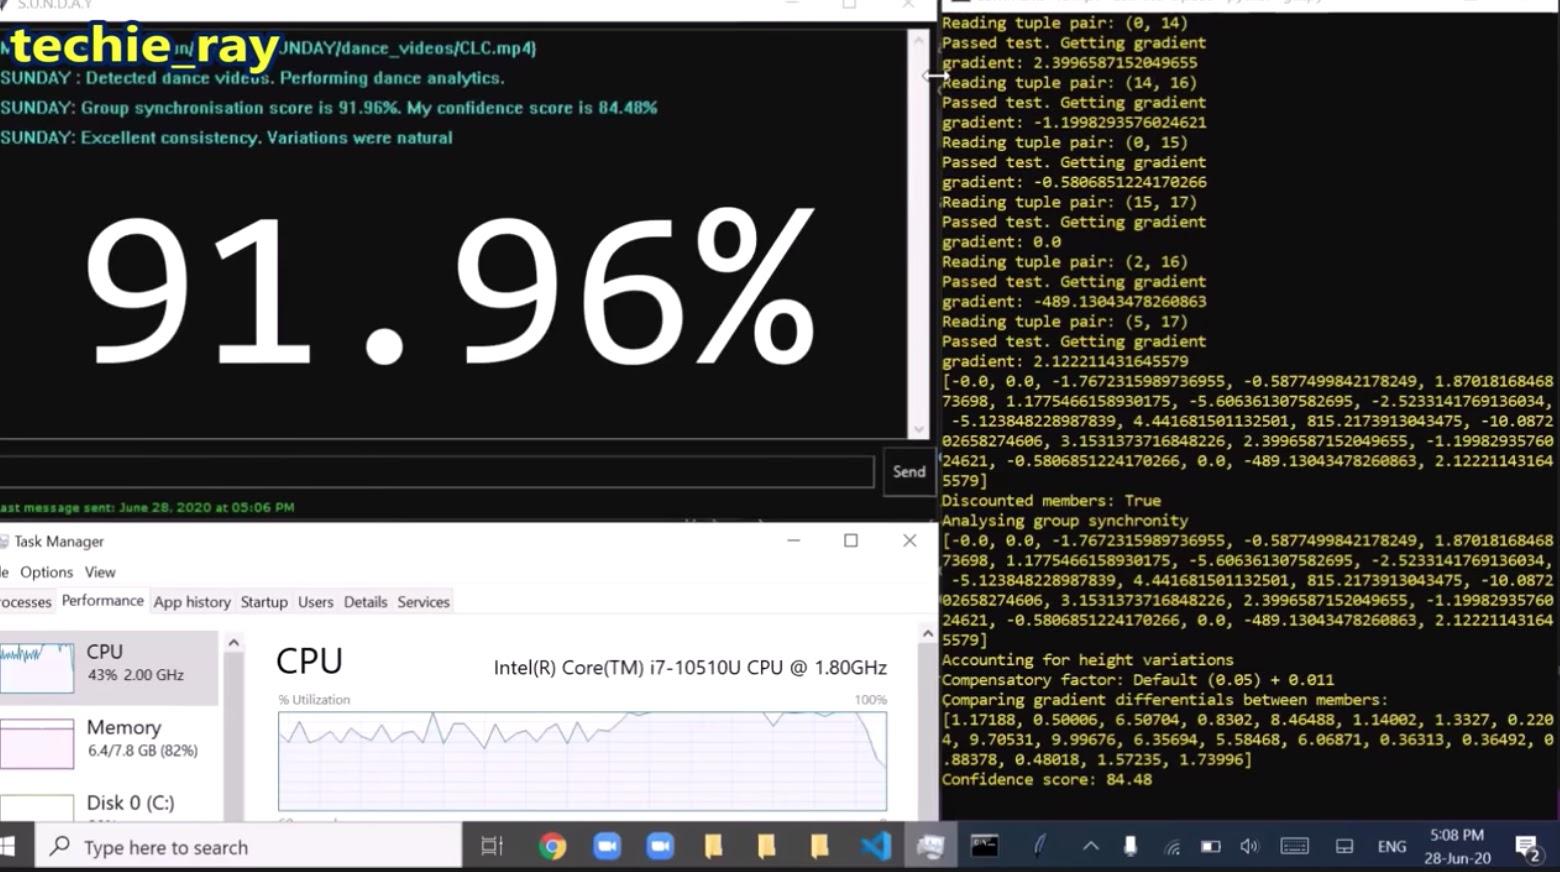 Screen Shot 2020-06-29 at 3.14.05 PM